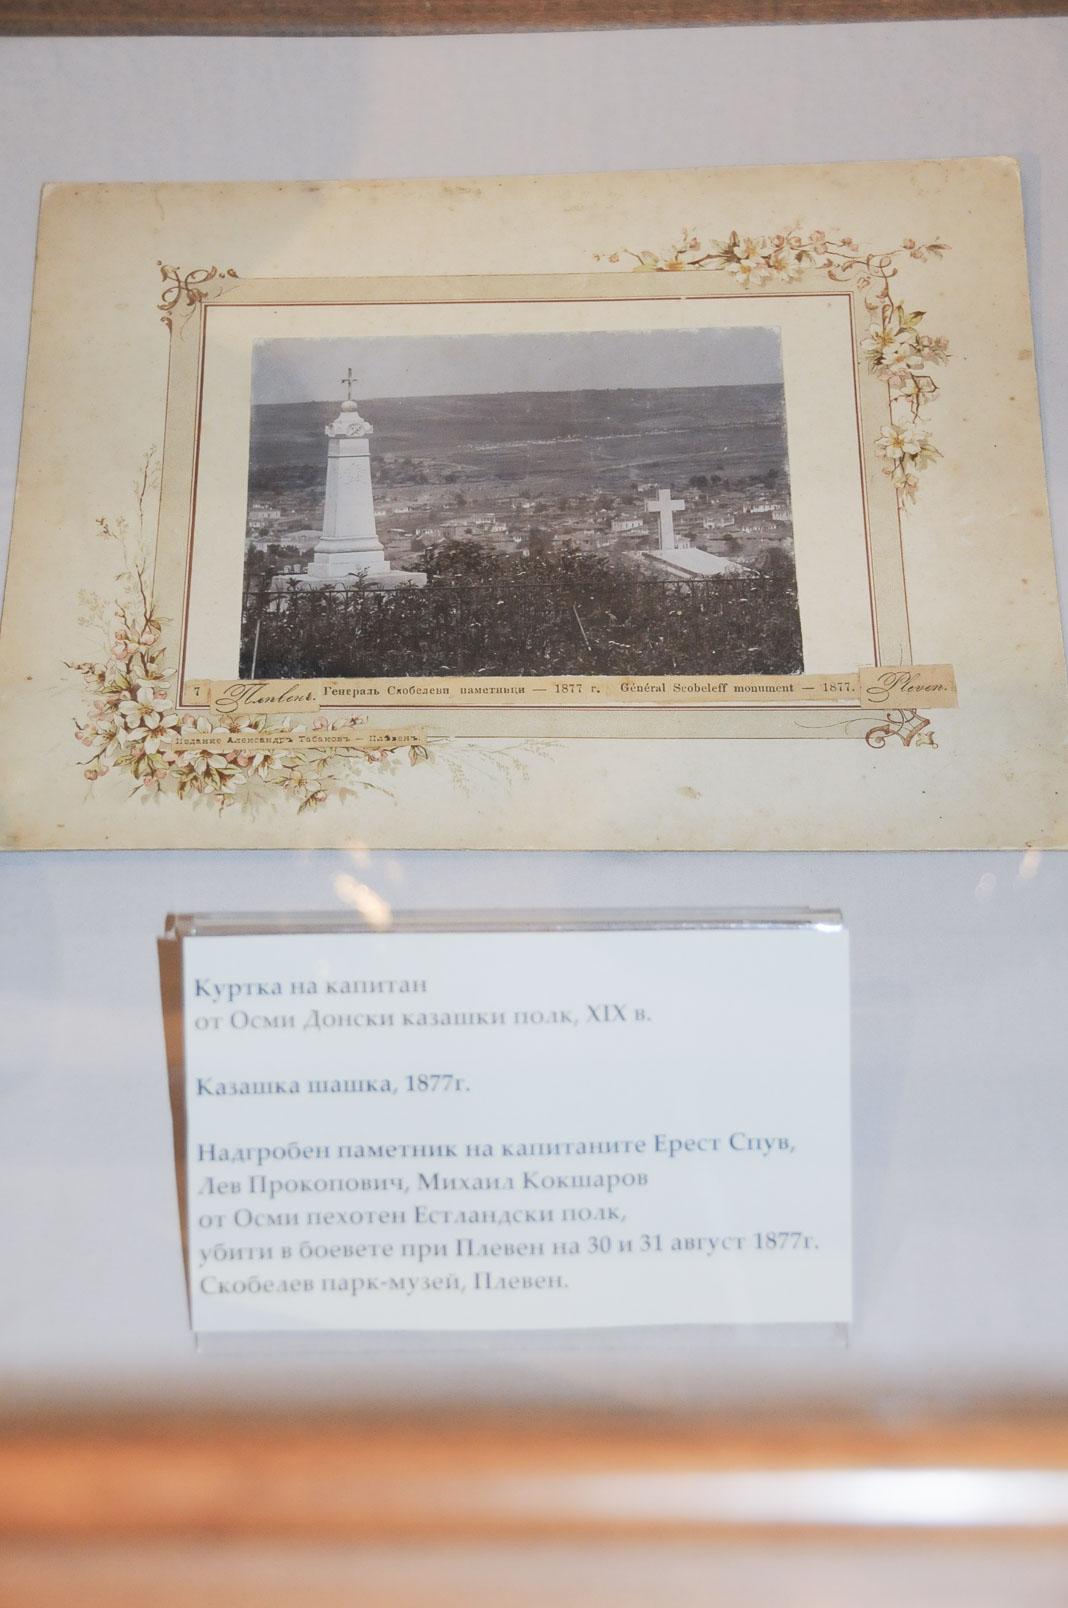 troyan-museum-osvobozhdenieto-3ti-mart-20